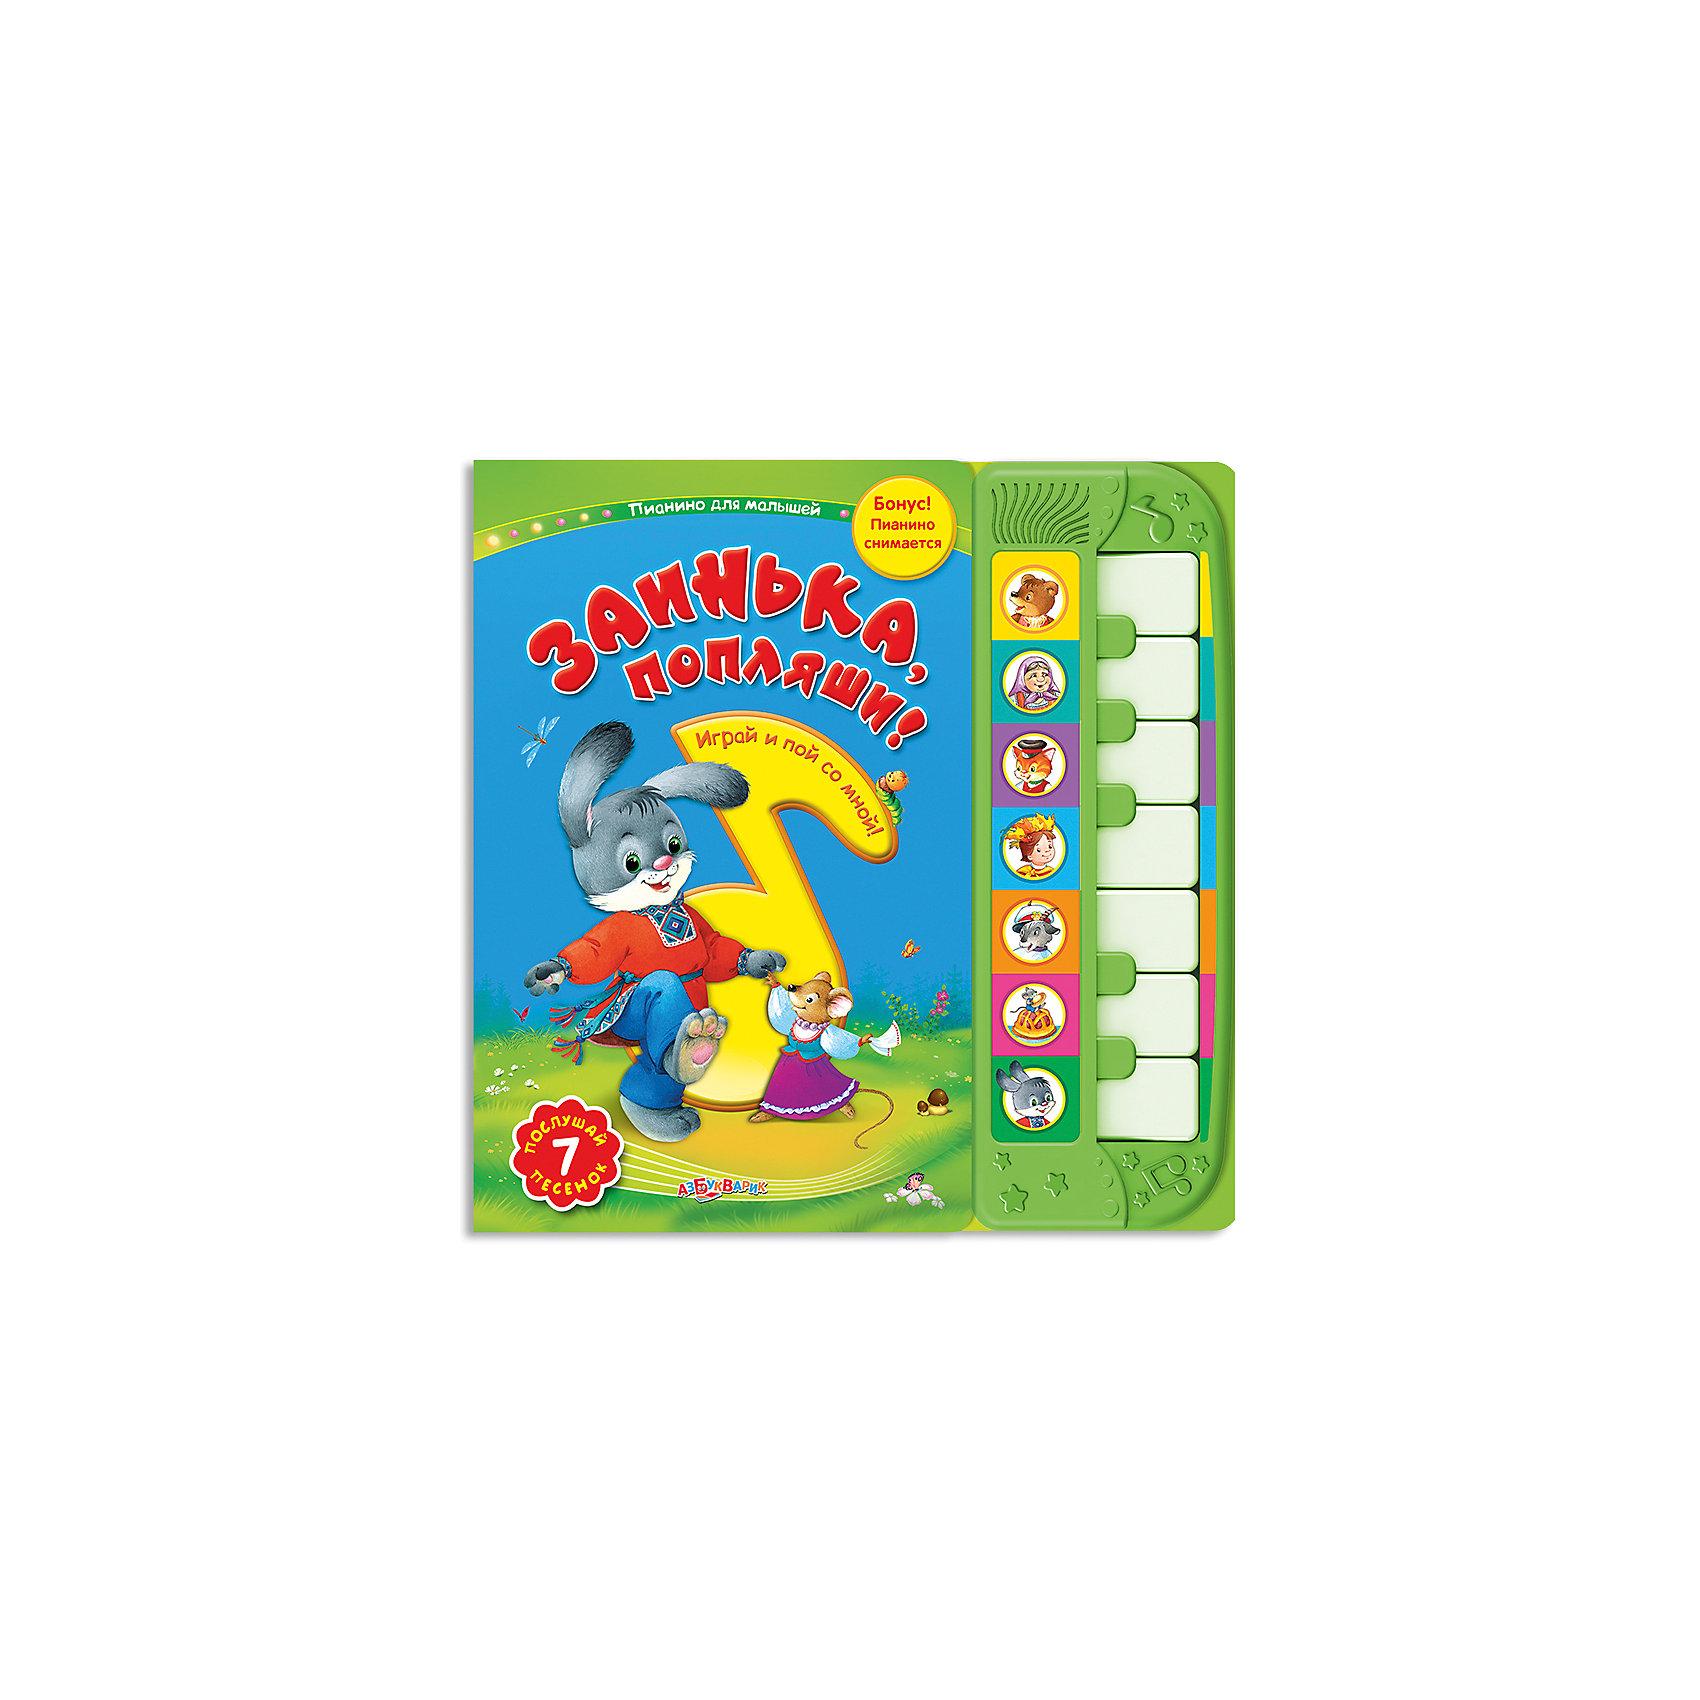 Заинька, попляши! (новый формат)Азбукварик<br>Книга Заинька, попляши! (новый формат). <br><br>Характеристика:<br><br>• Материал: пластик. <br>• Комплектация: книга, пианино (съемное). <br>• Книга имеет плотные картонный страницы. <br>• Цветные иллюстрации. <br>• 14 страниц. <br>• Формат: 25х25 см. <br>• 7 веселых песенок и мелодий. <br>• Пианино с широкими клавишами. <br>• Элемент питания: ААА батарейки (в комплекте).<br>• Яркий привлекательный дизайн.<br><br>Книжка с маленьким пианино позволит малышам не только смотреть картинки, слушать песенки и читать, но и попробовать себя в роли музыканта. Широкие клавиши и плотные картонные страницы идеально подойдут даже для самых настойчивых малышей. Яркие иллюстрации и веселые звуки заинтересуют любого ребенка и надолго увлекут кроху. <br><br>Книгу Заинька, попляши! (новый формат) можно купить в нашем интернет-магазине.<br><br>Ширина мм: 210<br>Глубина мм: 150<br>Высота мм: 20<br>Вес г: 150<br>Возраст от месяцев: 24<br>Возраст до месяцев: 48<br>Пол: Унисекс<br>Возраст: Детский<br>SKU: 5484237